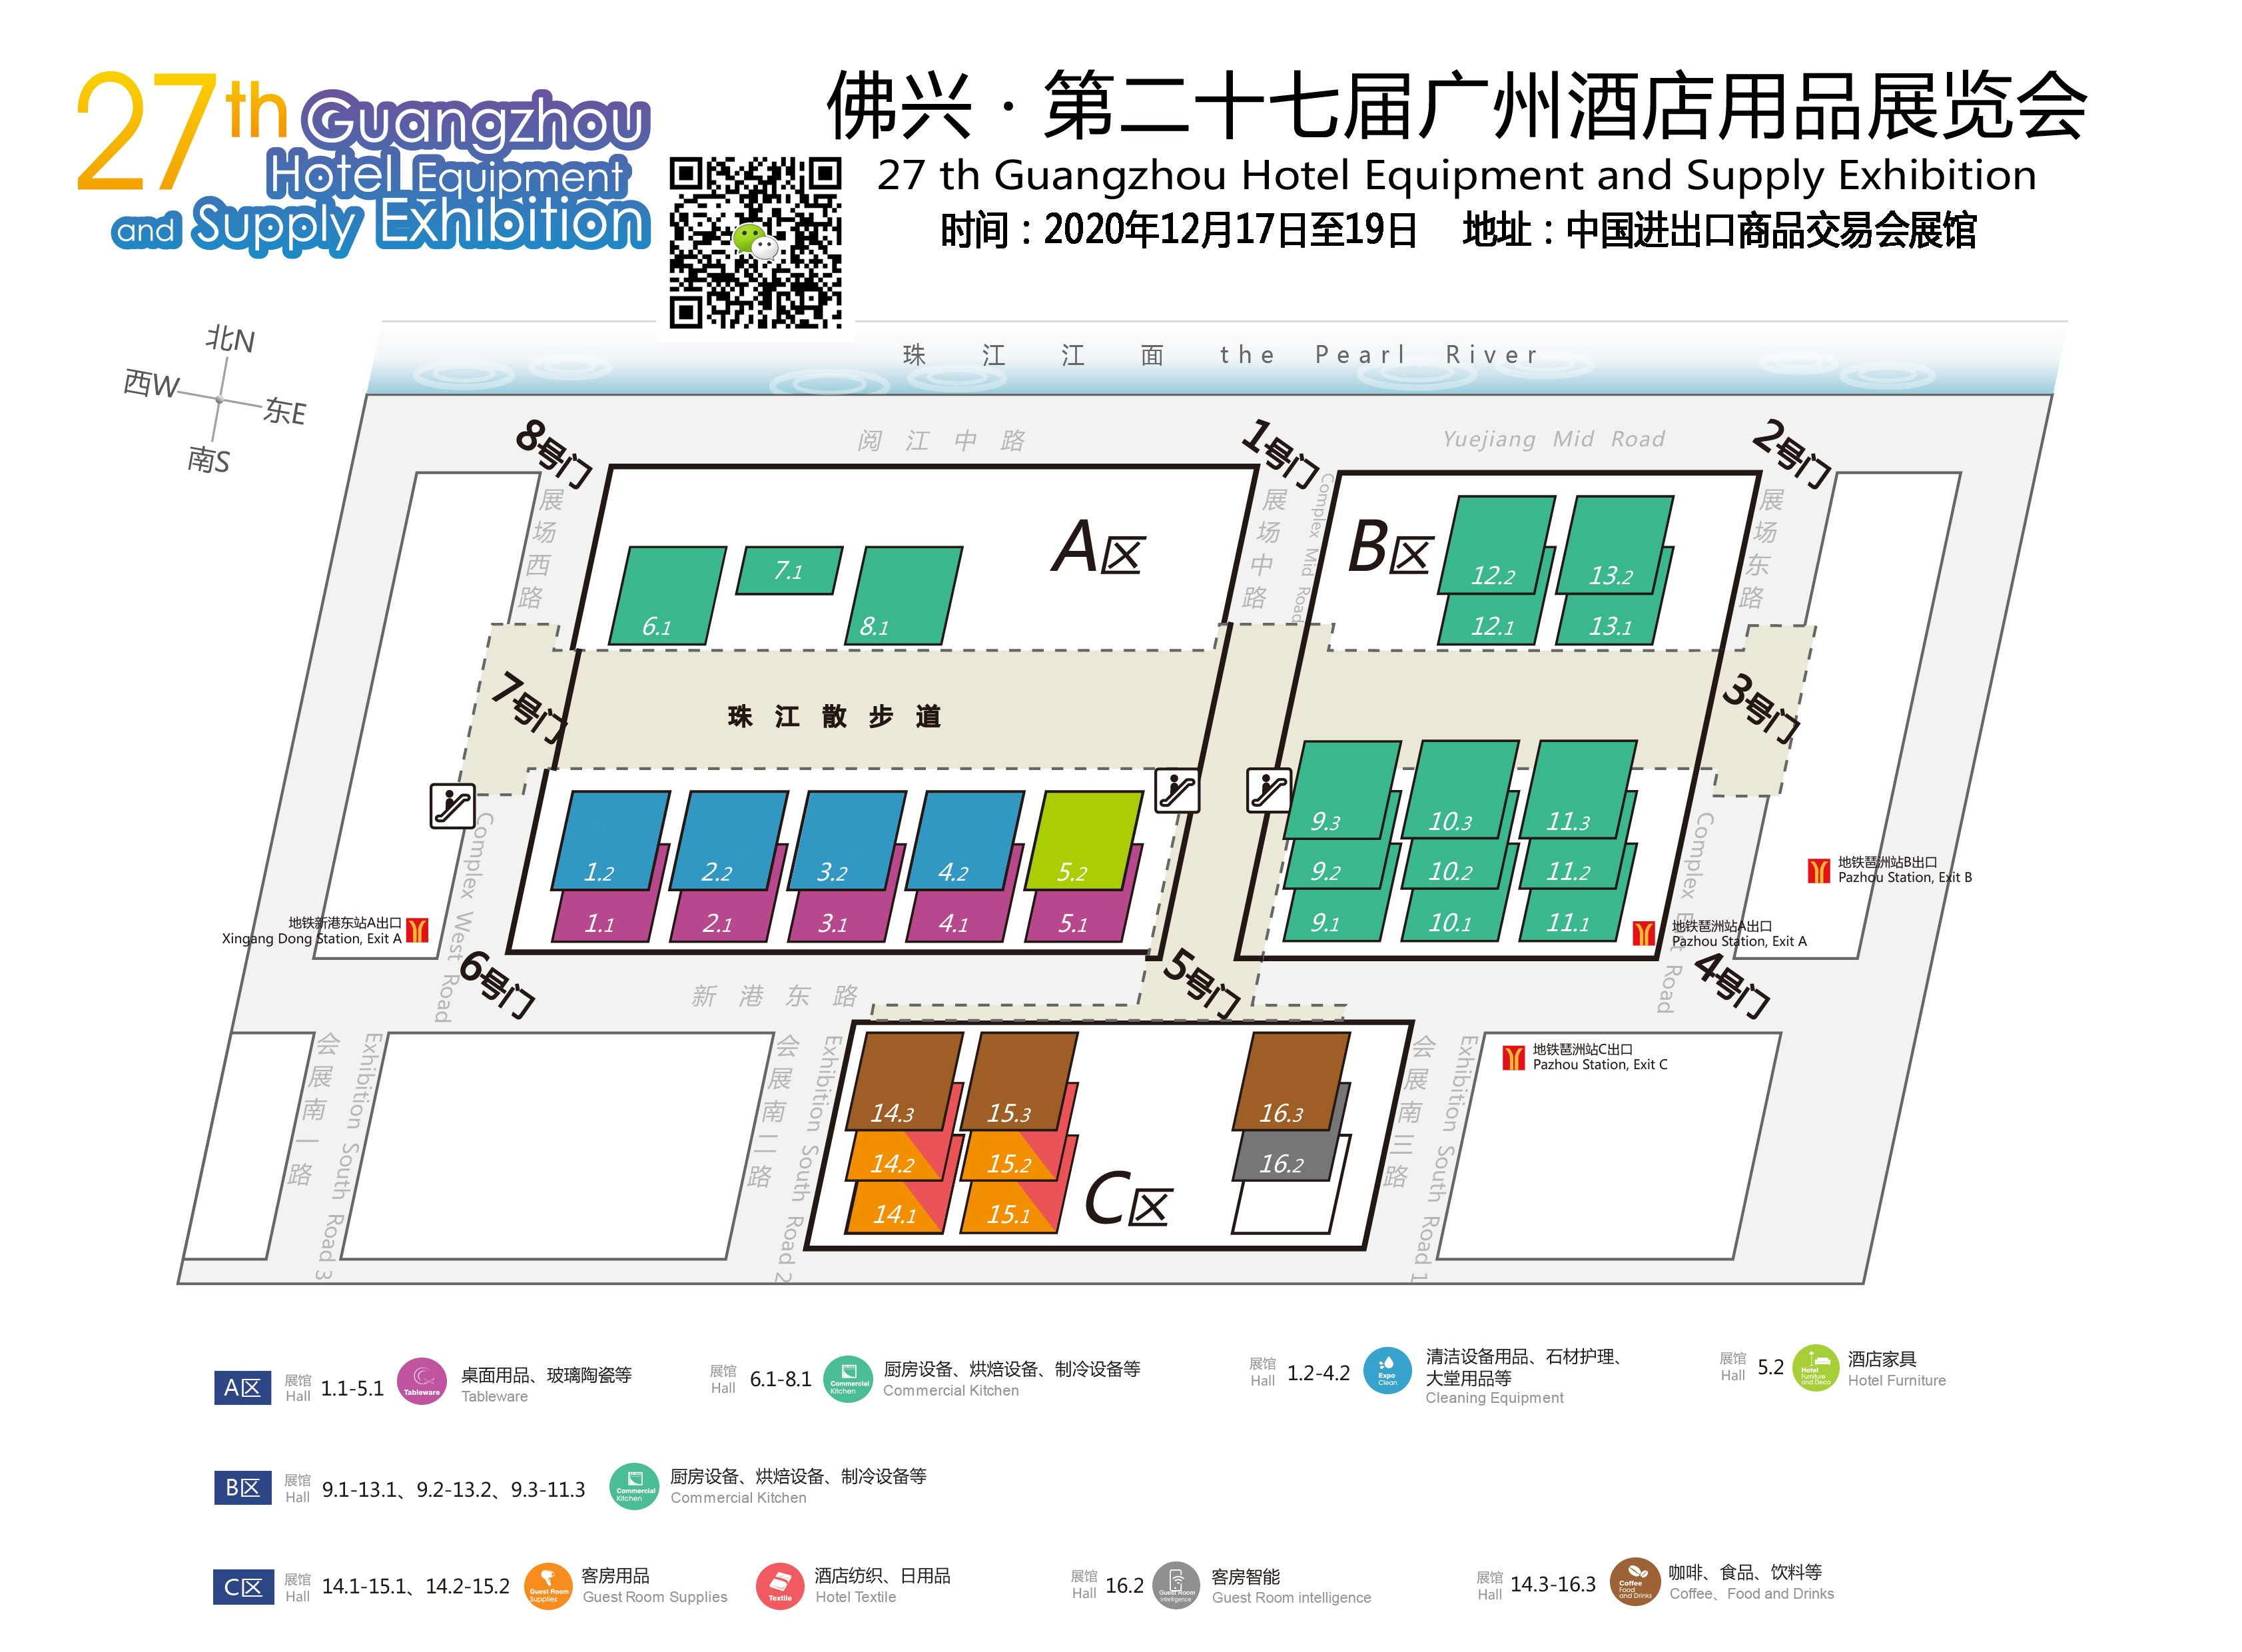 2020第27届广州展会示意图.jpg